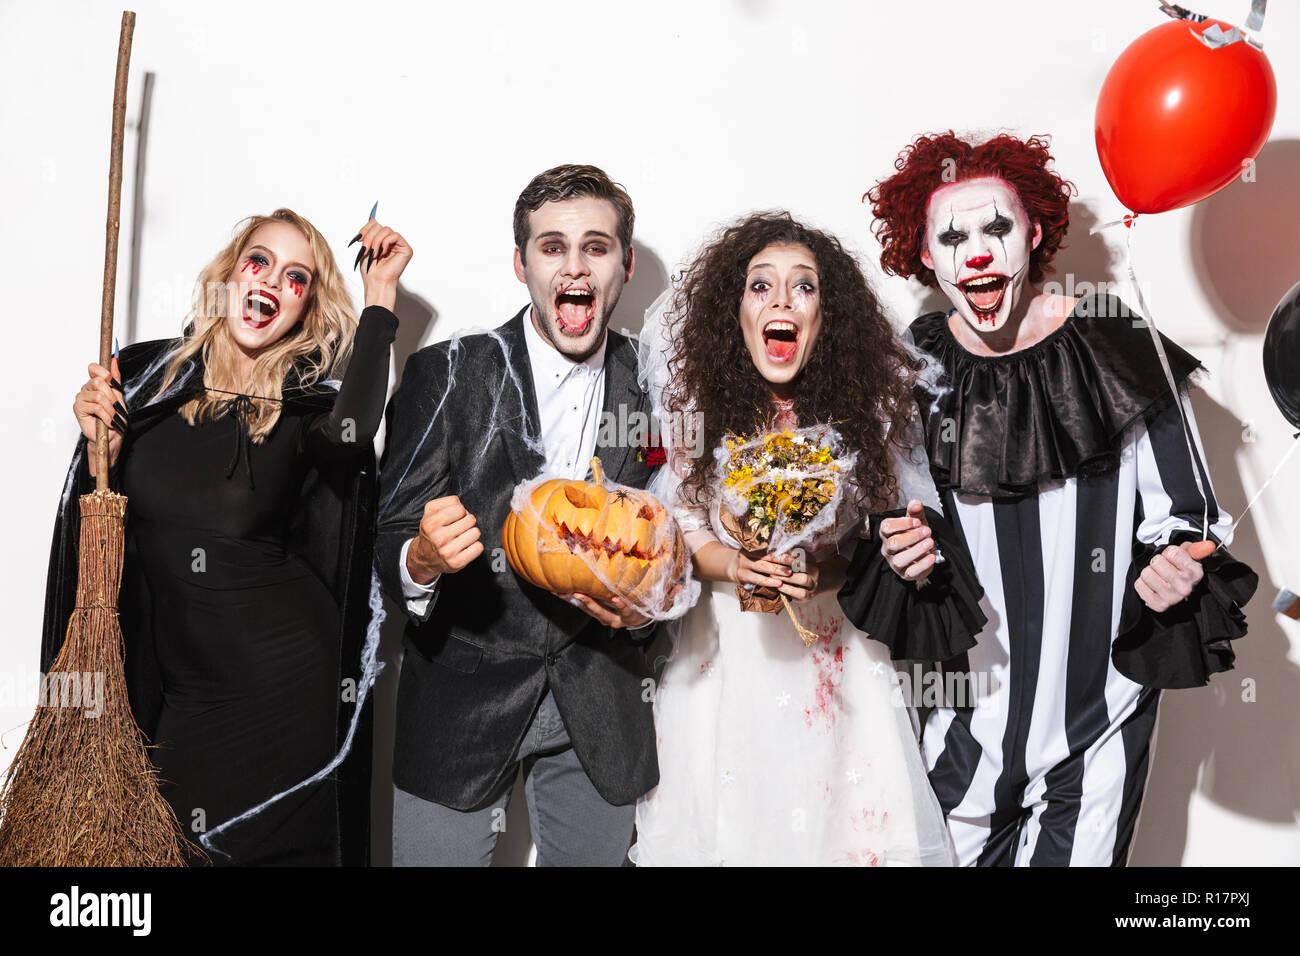 Costumi Halloween Di Gruppo.Gruppo Di Amici Felice Vestito In Costumi Spaventosi Celebrare